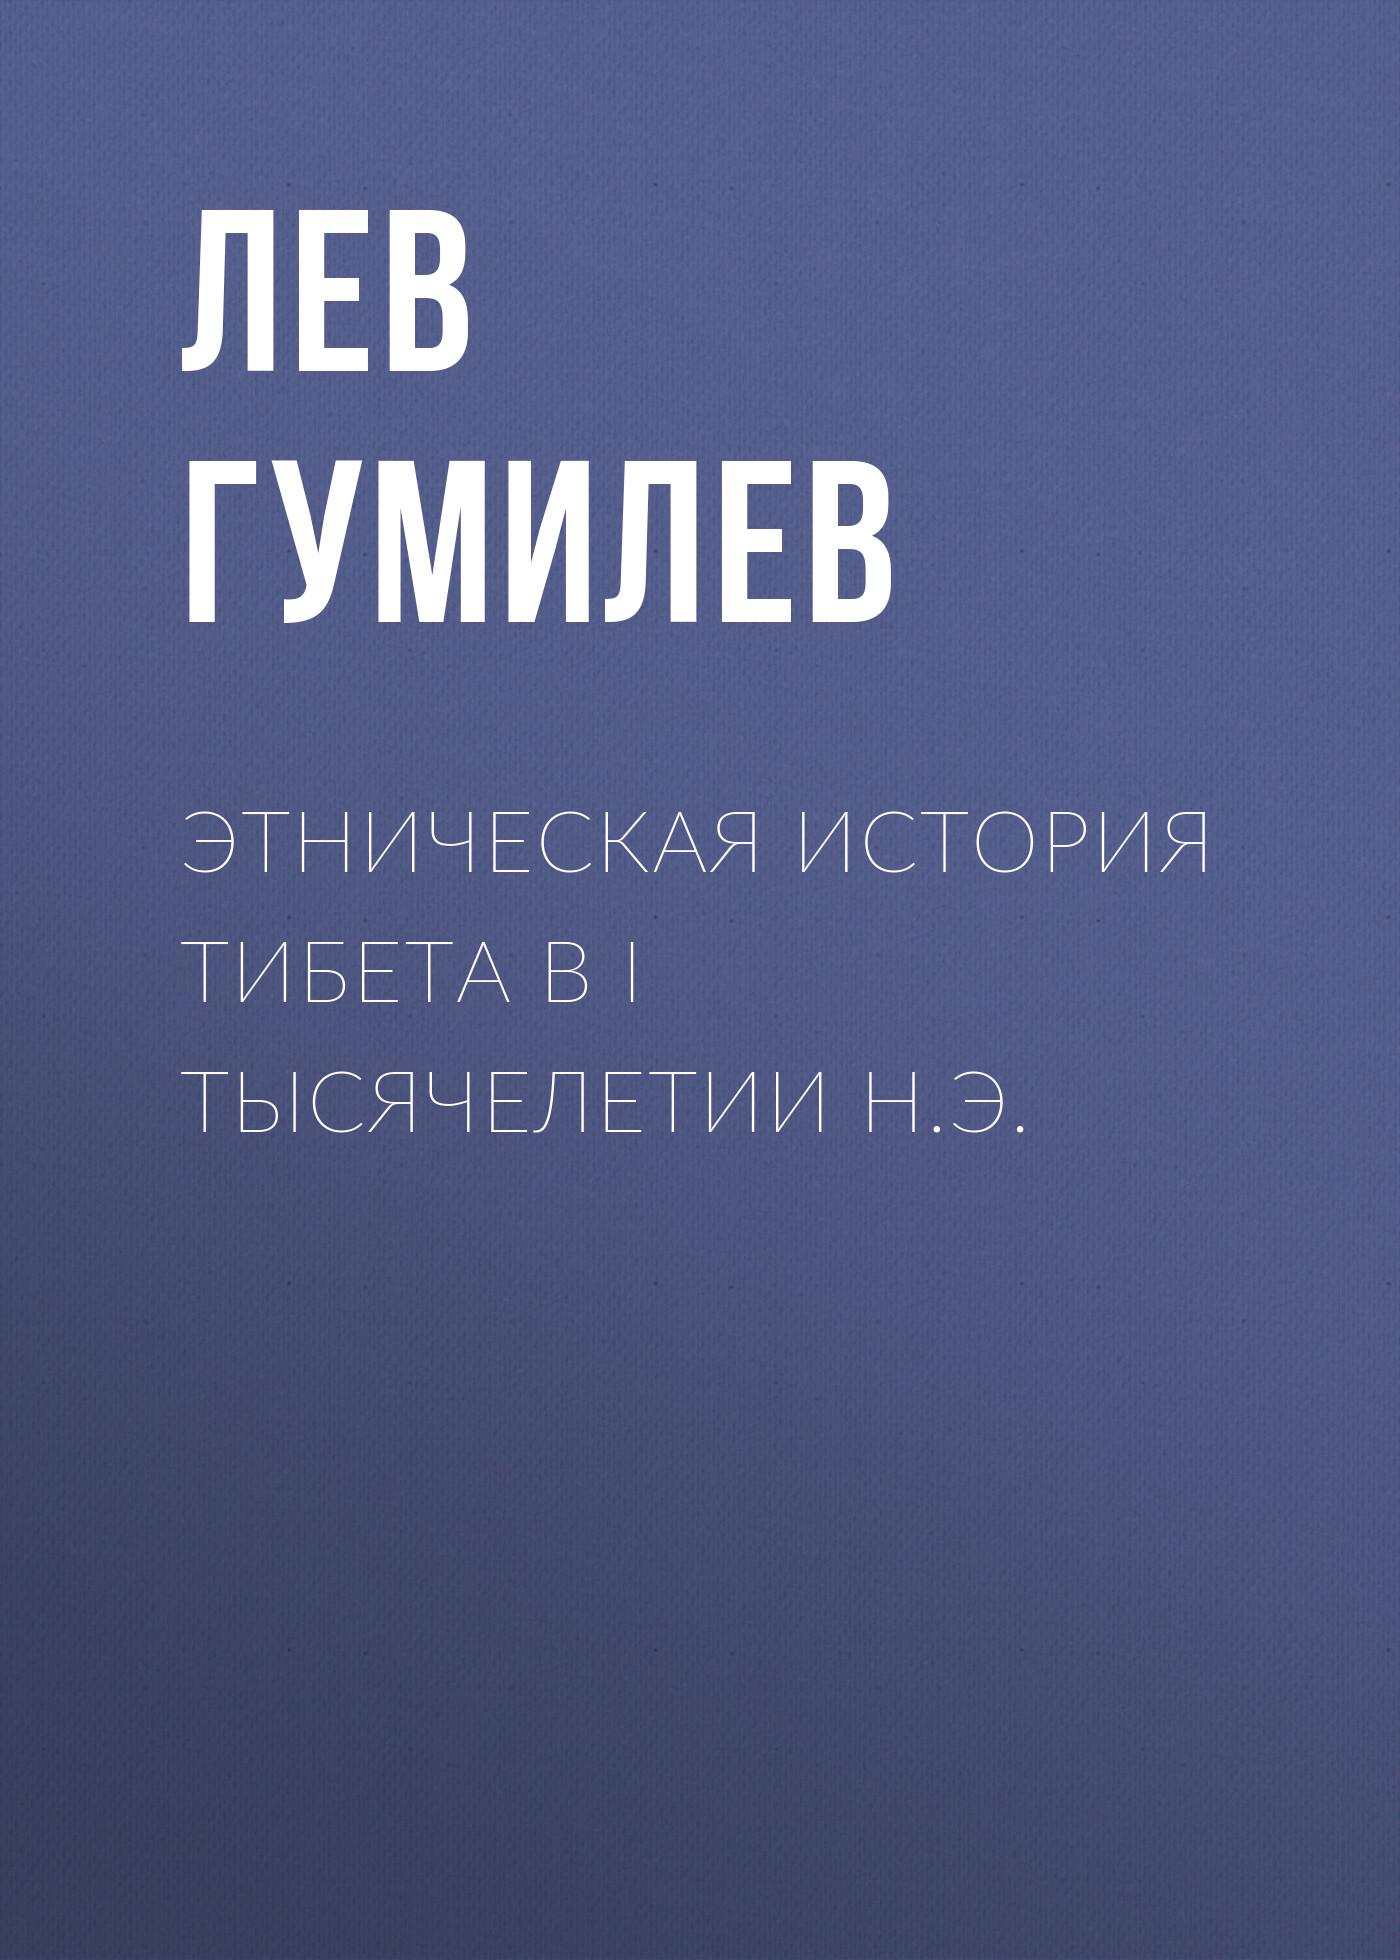 Лев Гумилев Этническая история Тибета в I тысячелетии н.э.